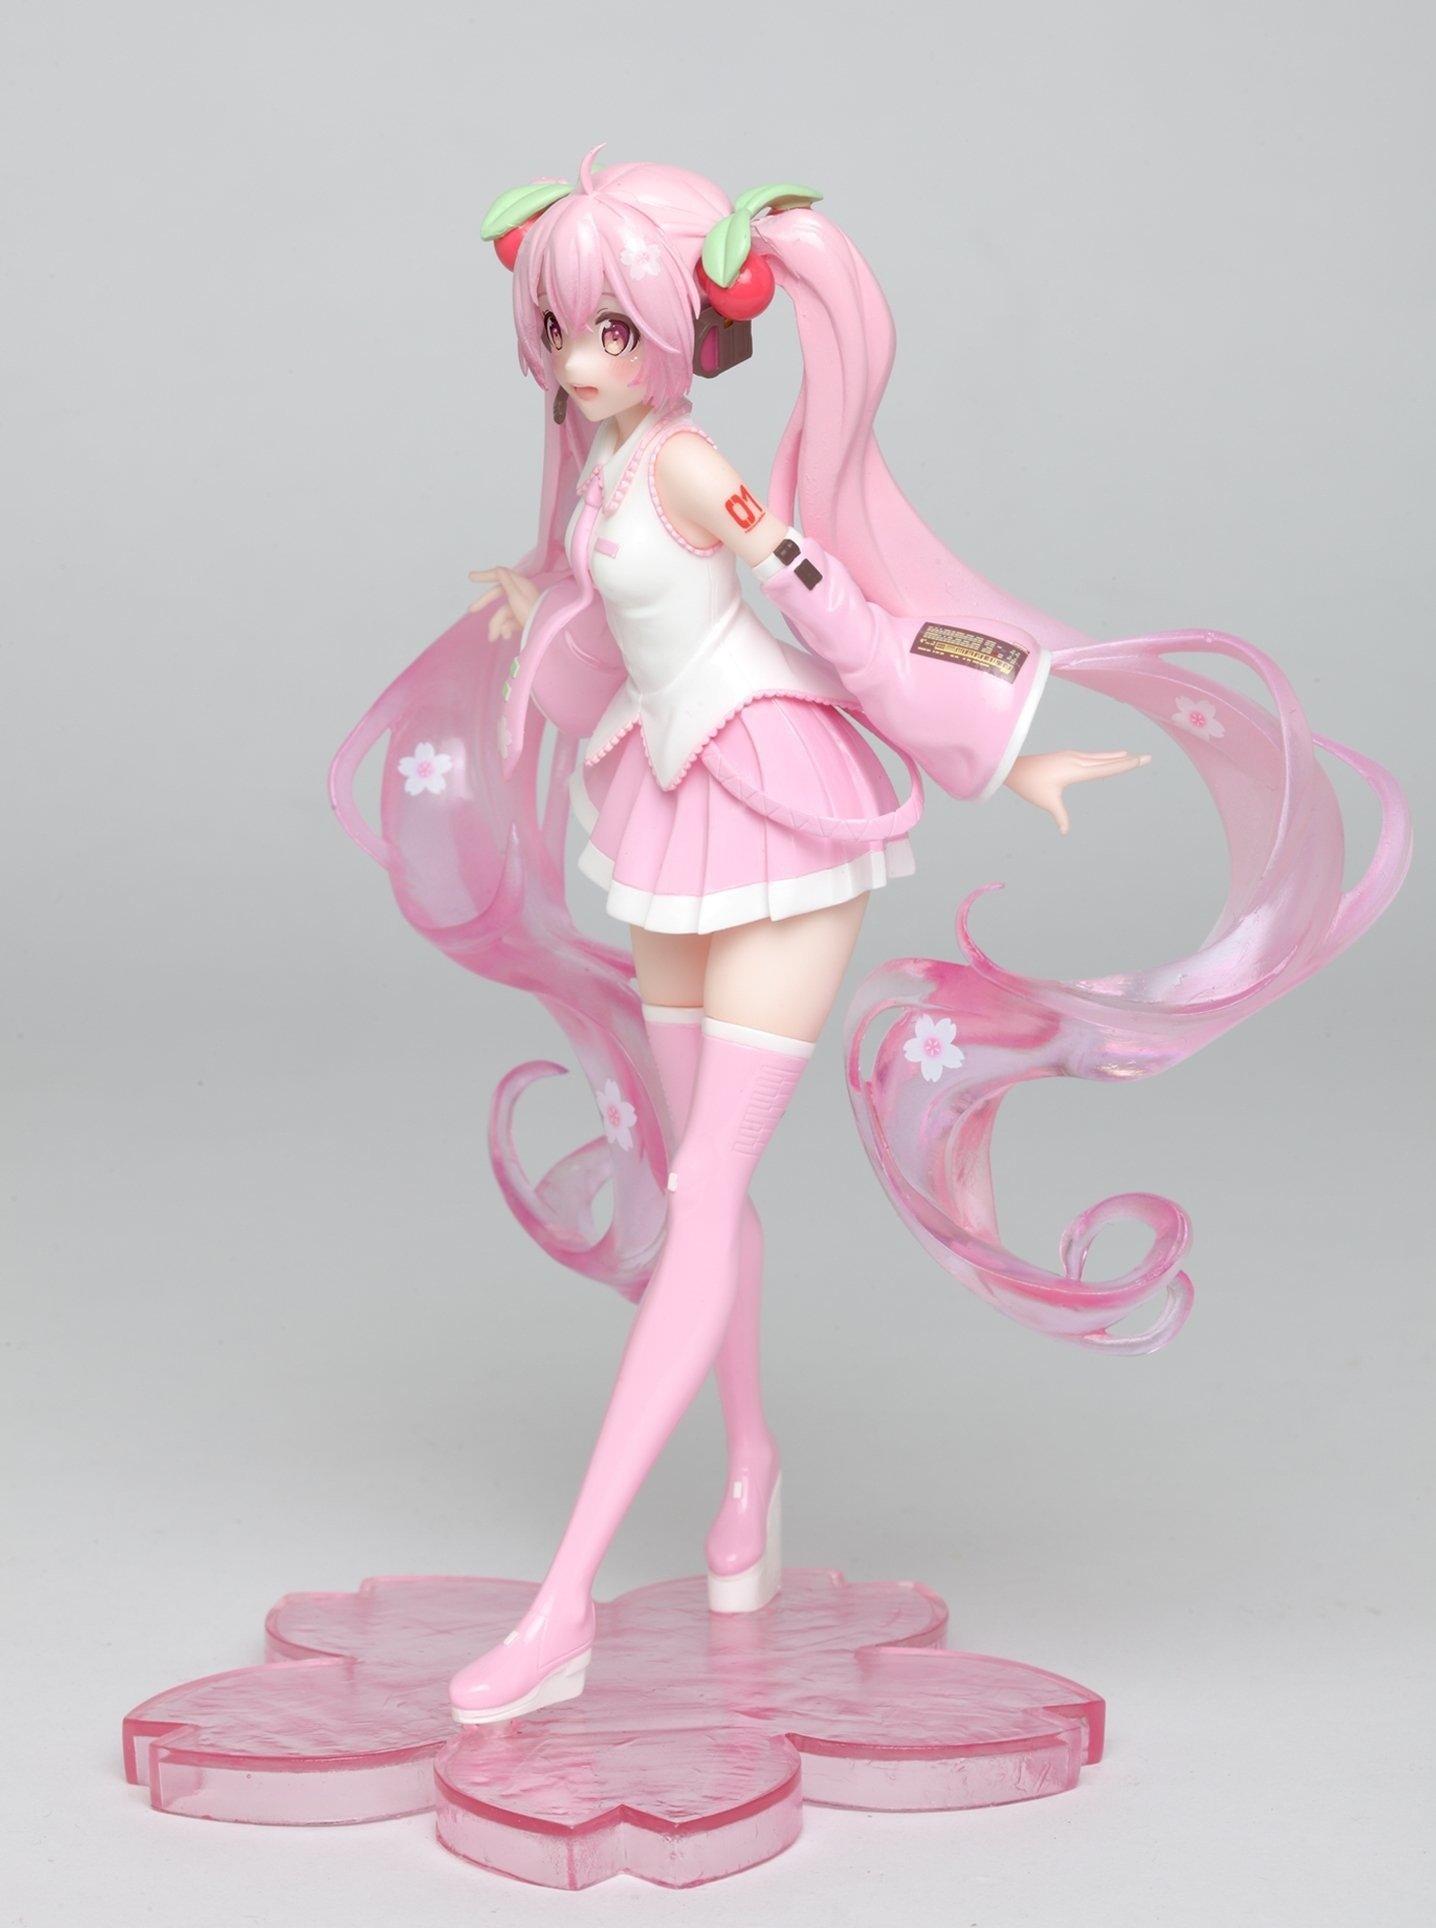 Vocaloid Hatsune Miku Sakura Figure